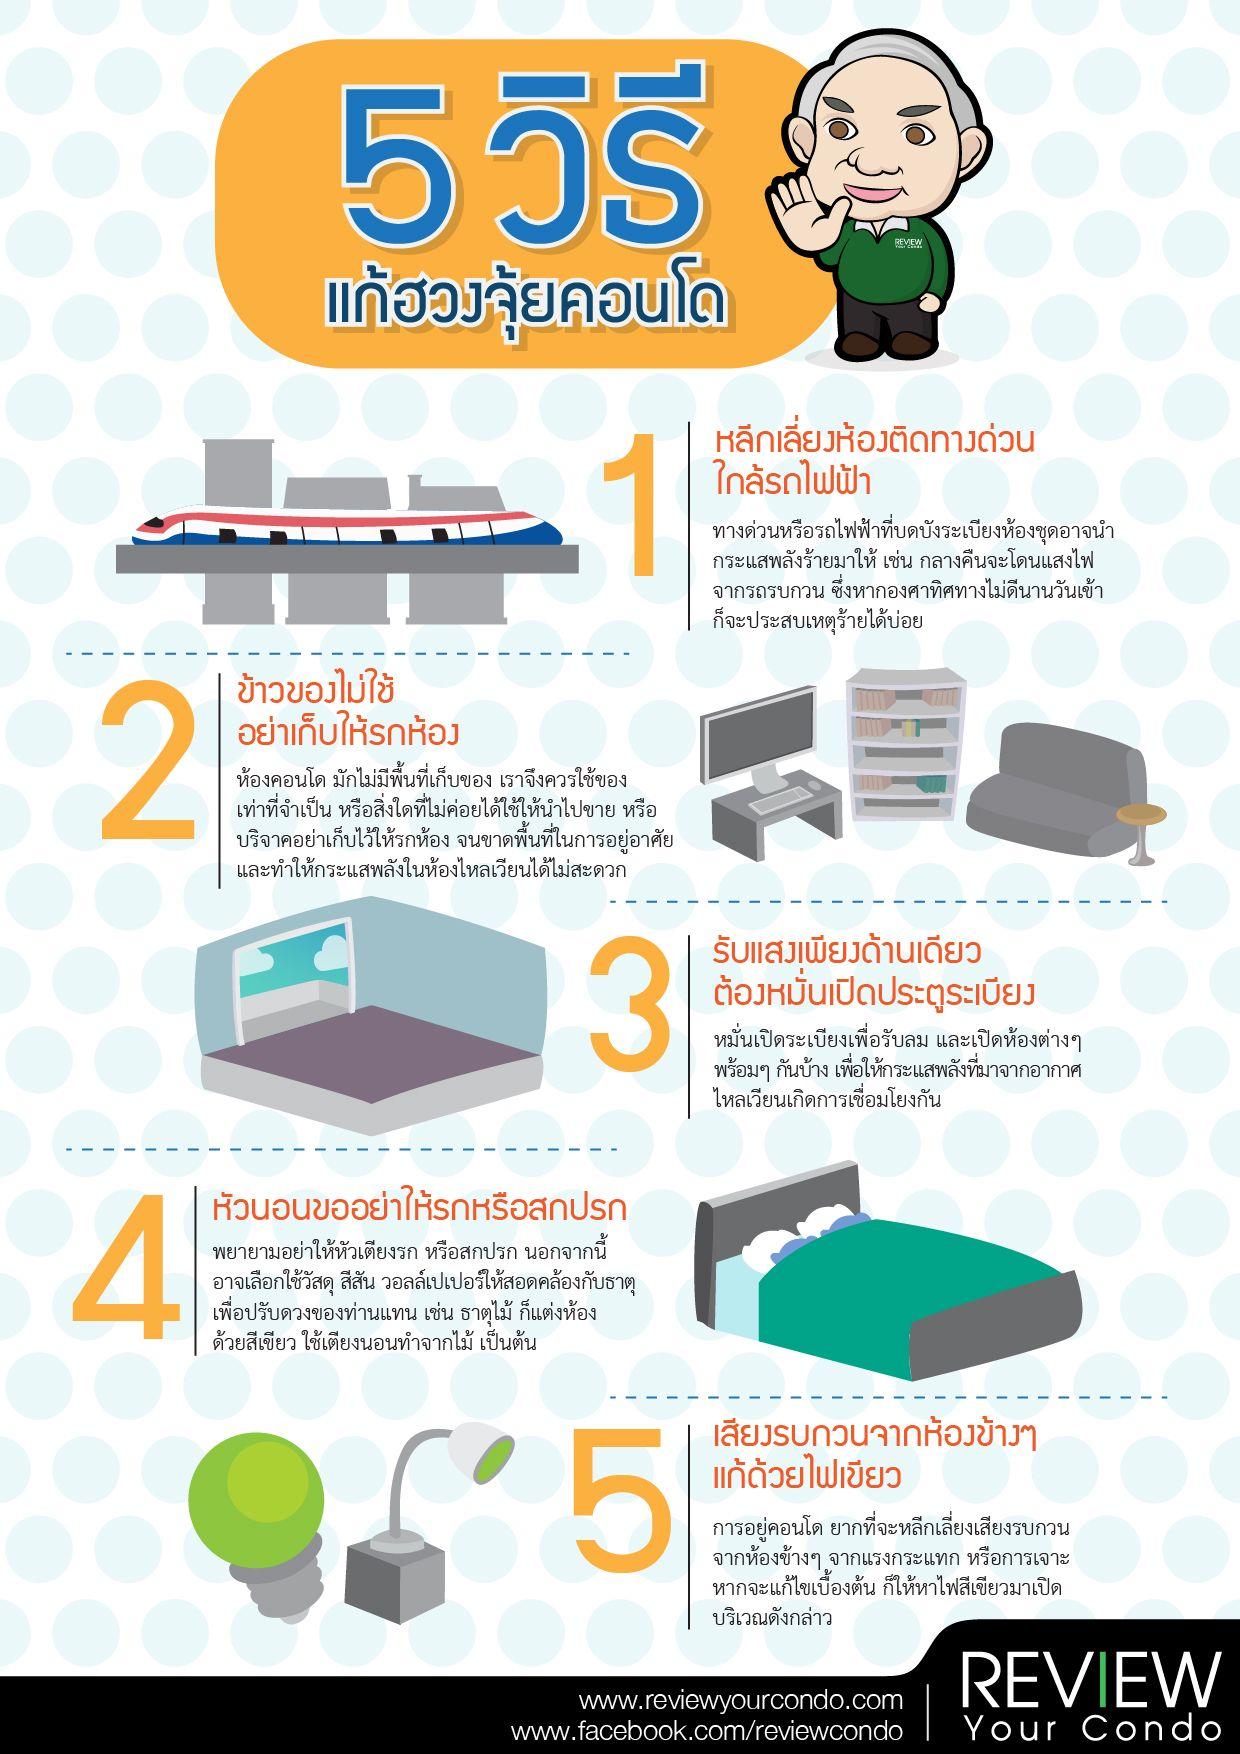 5 วิธีแก้ฮวงจุ้ยคอนโด